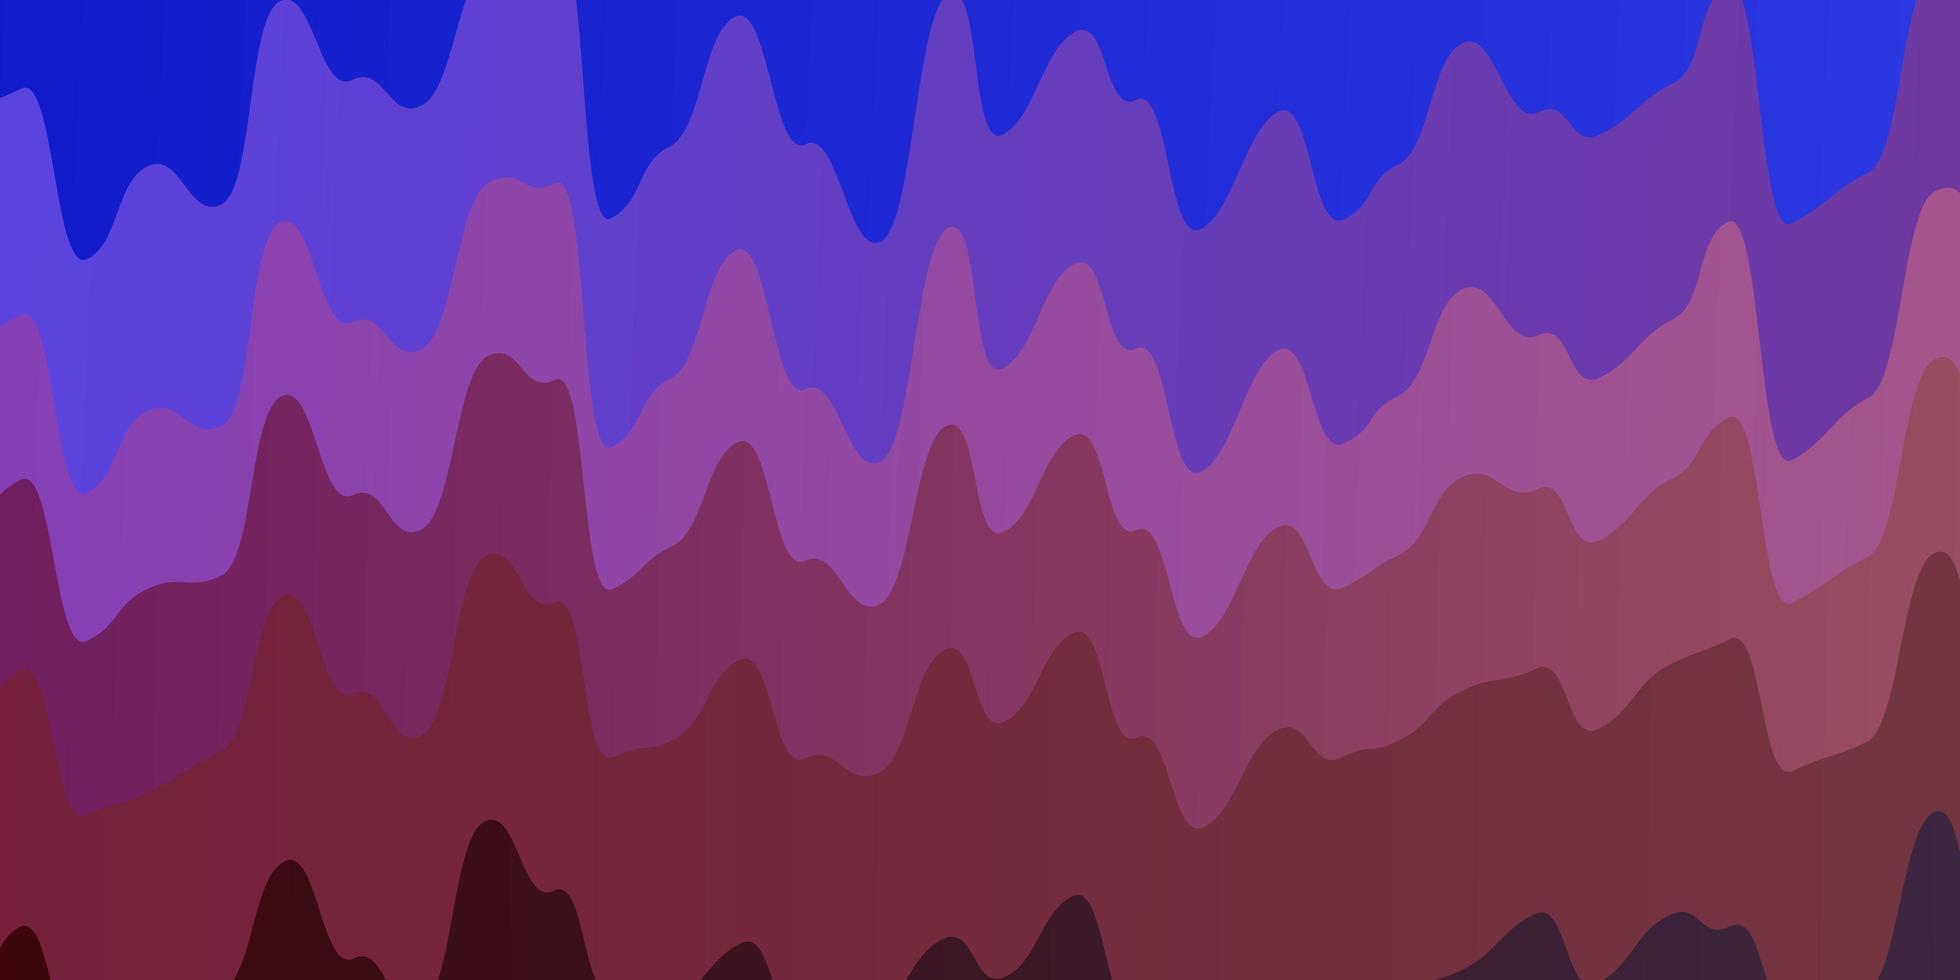 fondo azul claro, rojo con líneas torcidas. vector